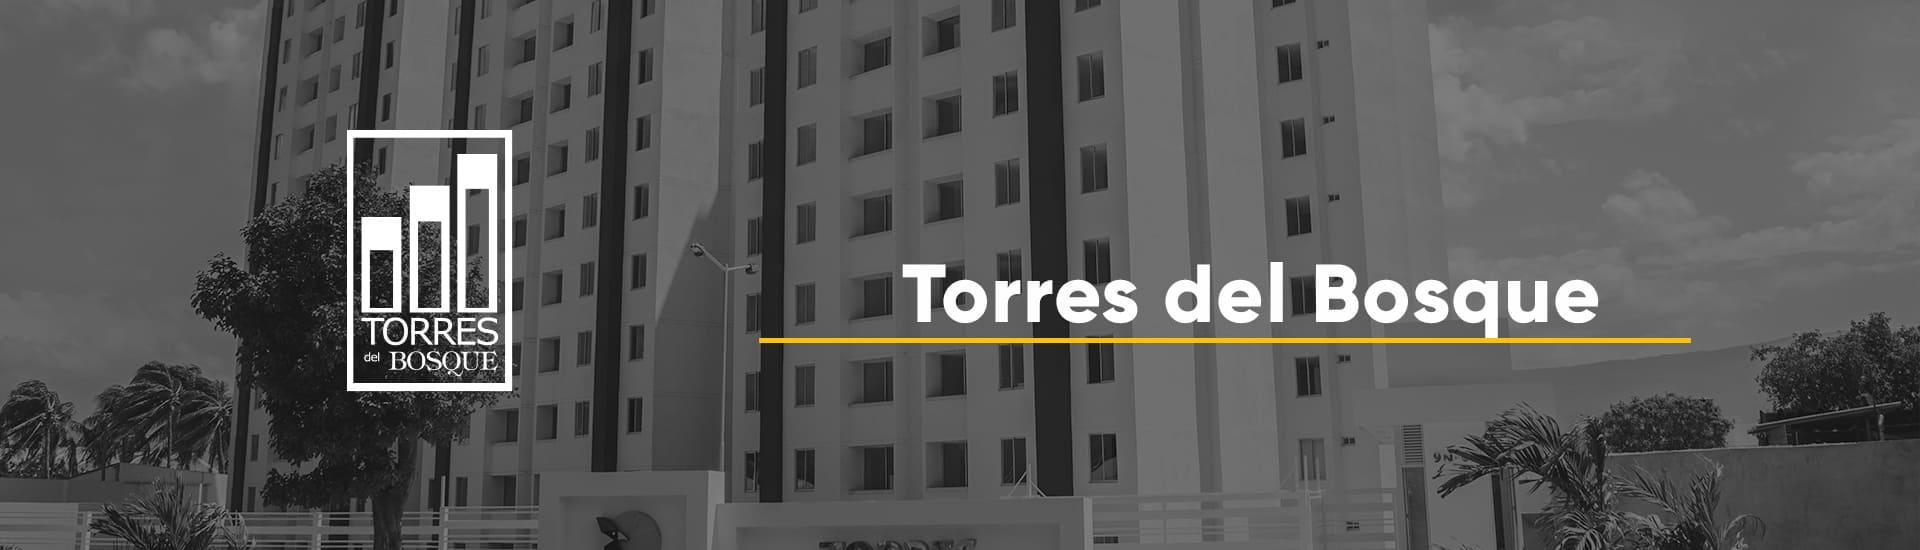 Torres del Bosque - Celeus Group